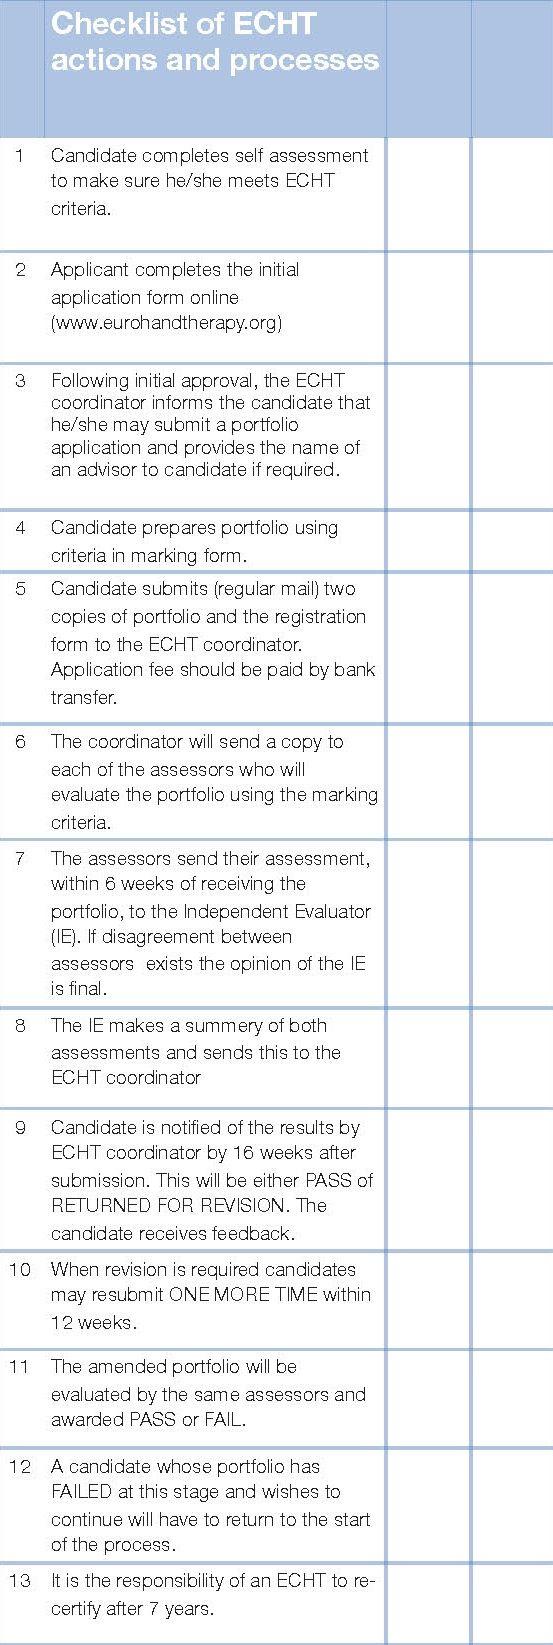 def_ECHT checklist voor op EFSHT site.jpg